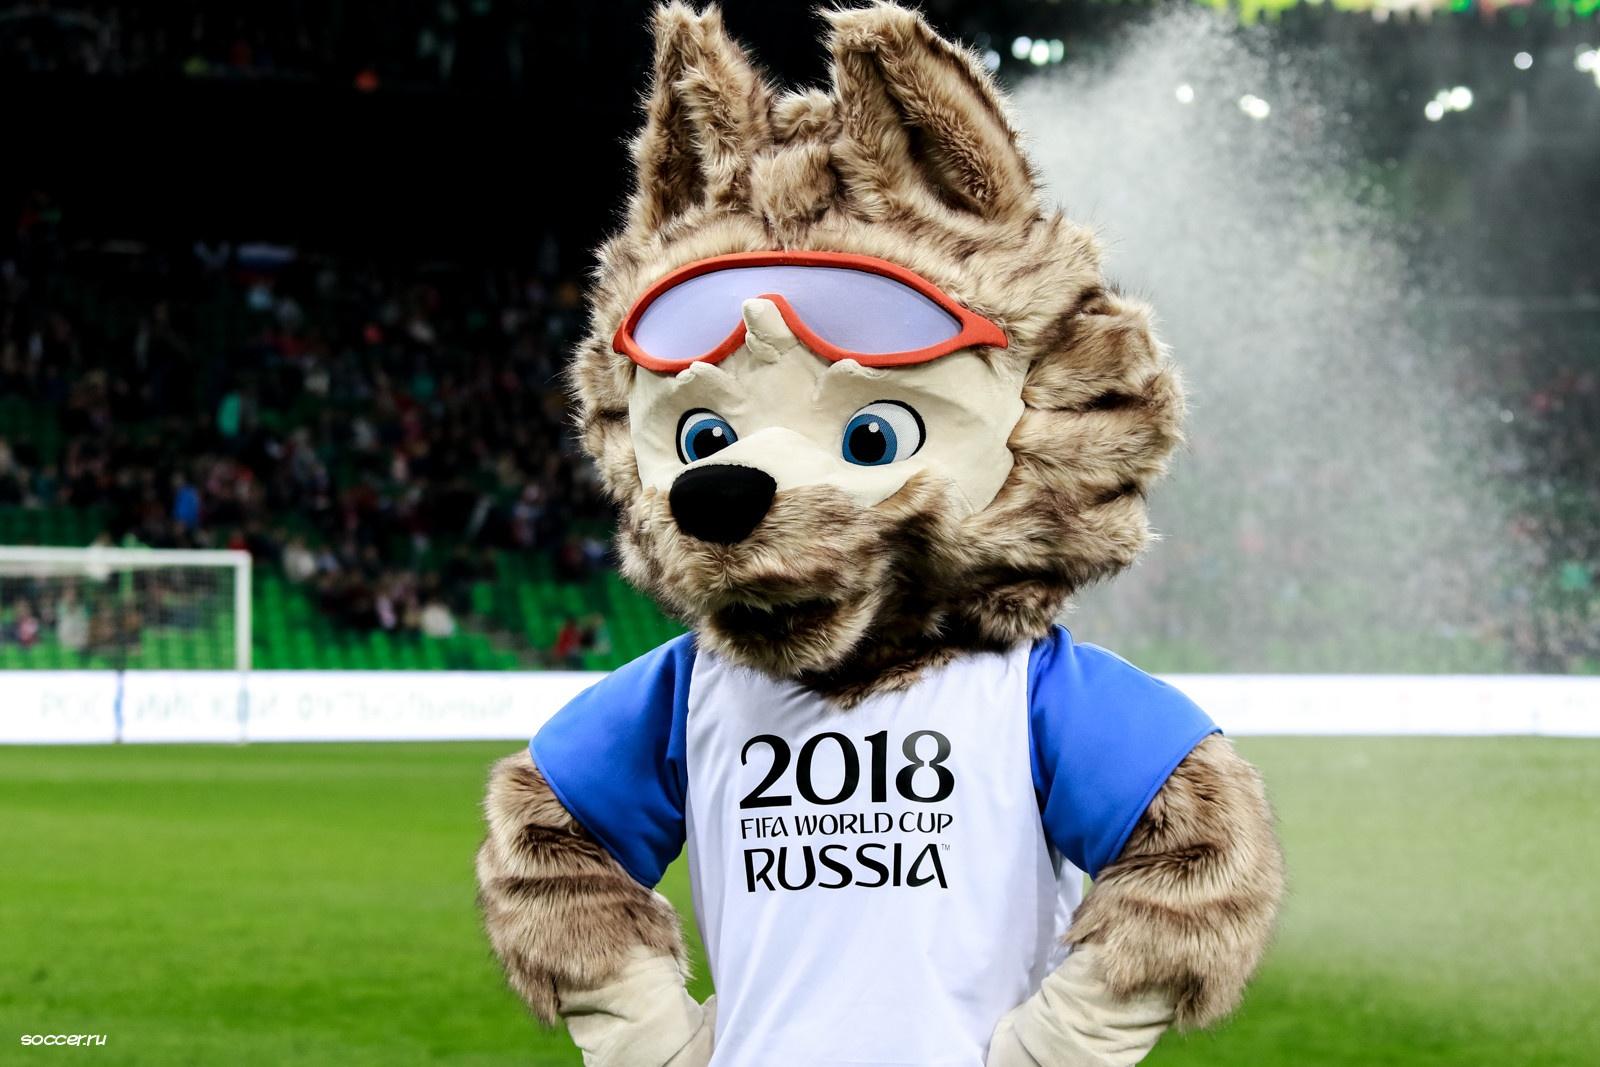 WM 2018 - 10 Fakten die Ihr wissen Müsst!